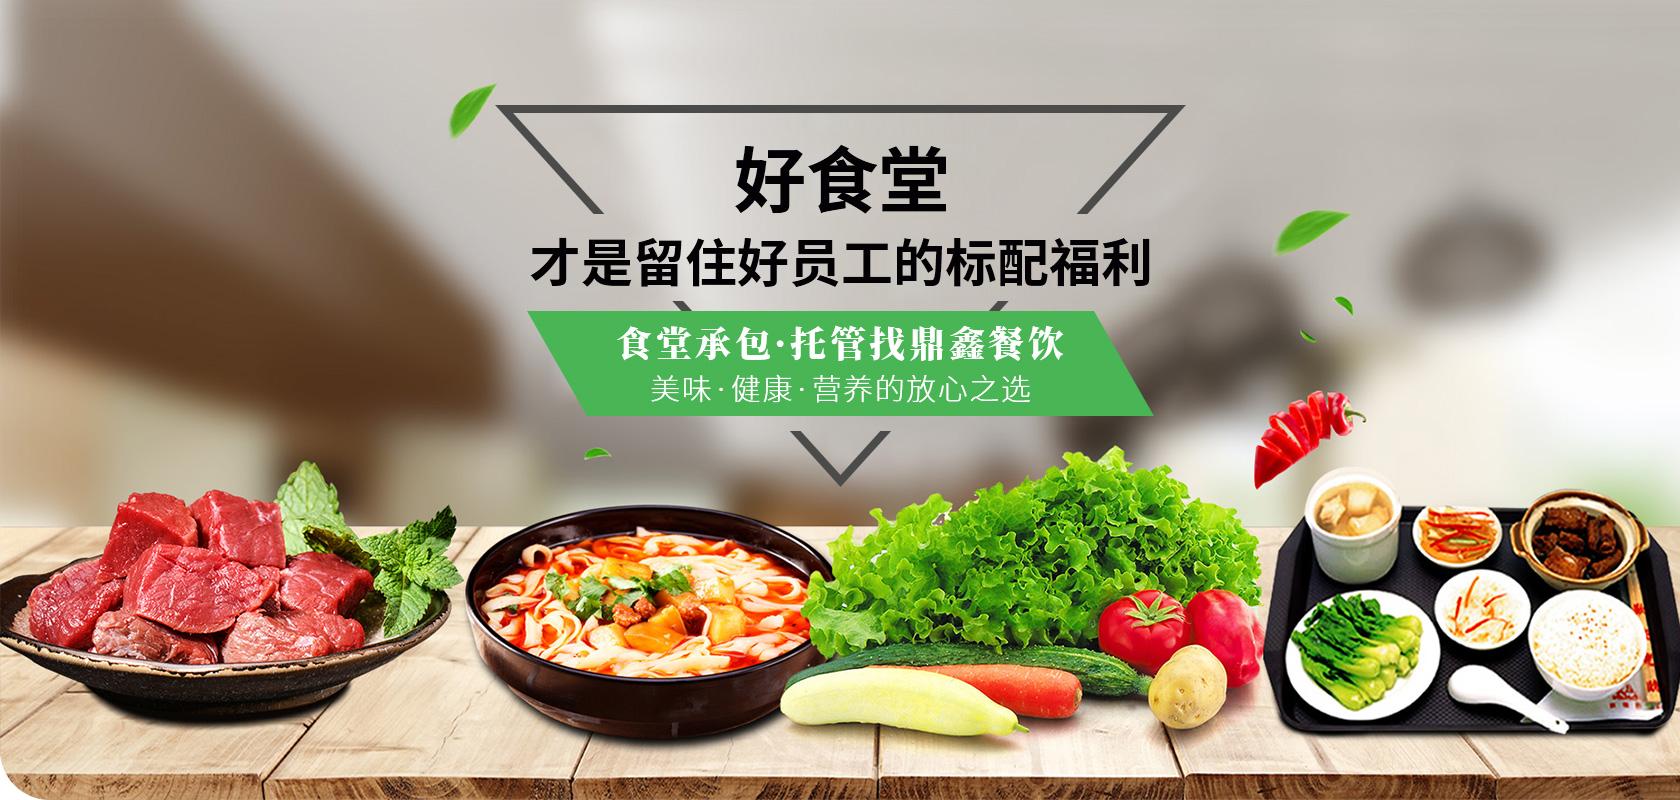 郑州食堂托管